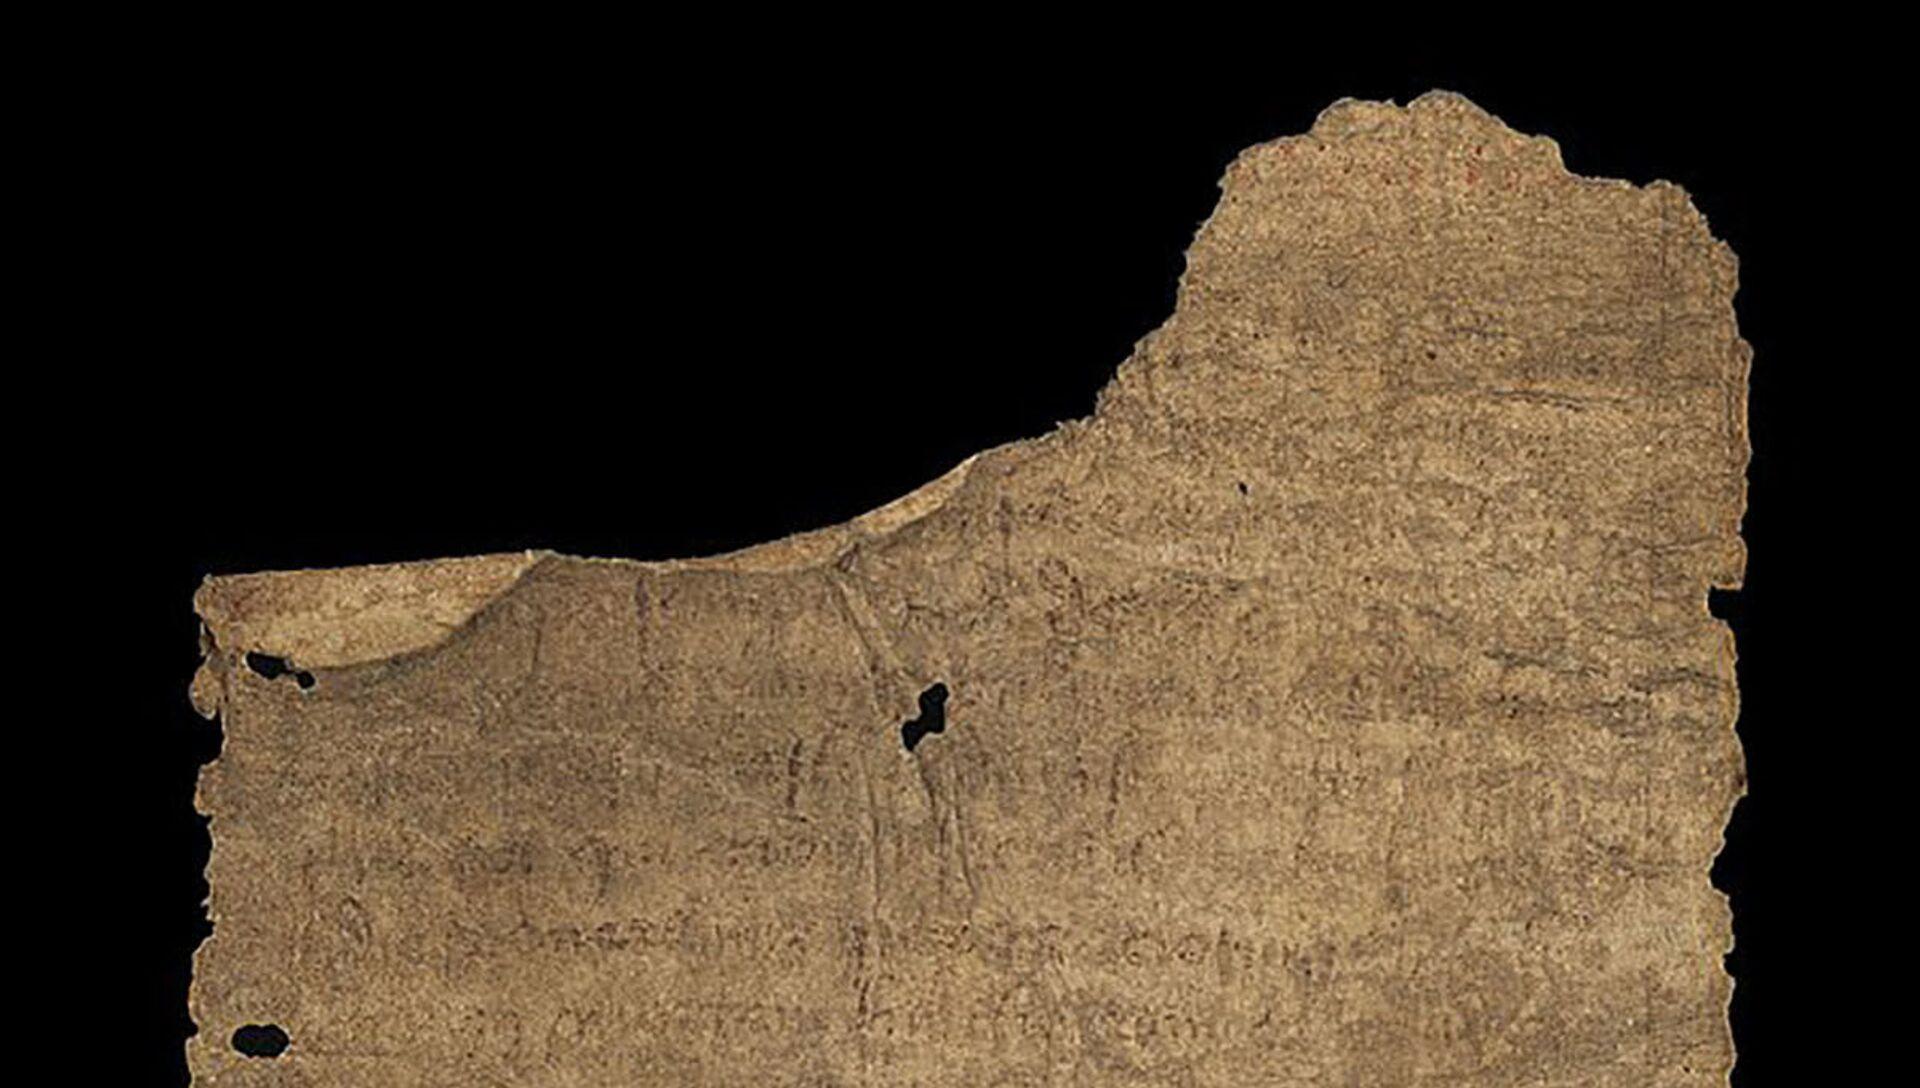 Antica pergamena rivela come nel Medio Evo combattevano i dolori del travaglio e parto - Sputnik Italia, 1920, 12.03.2021